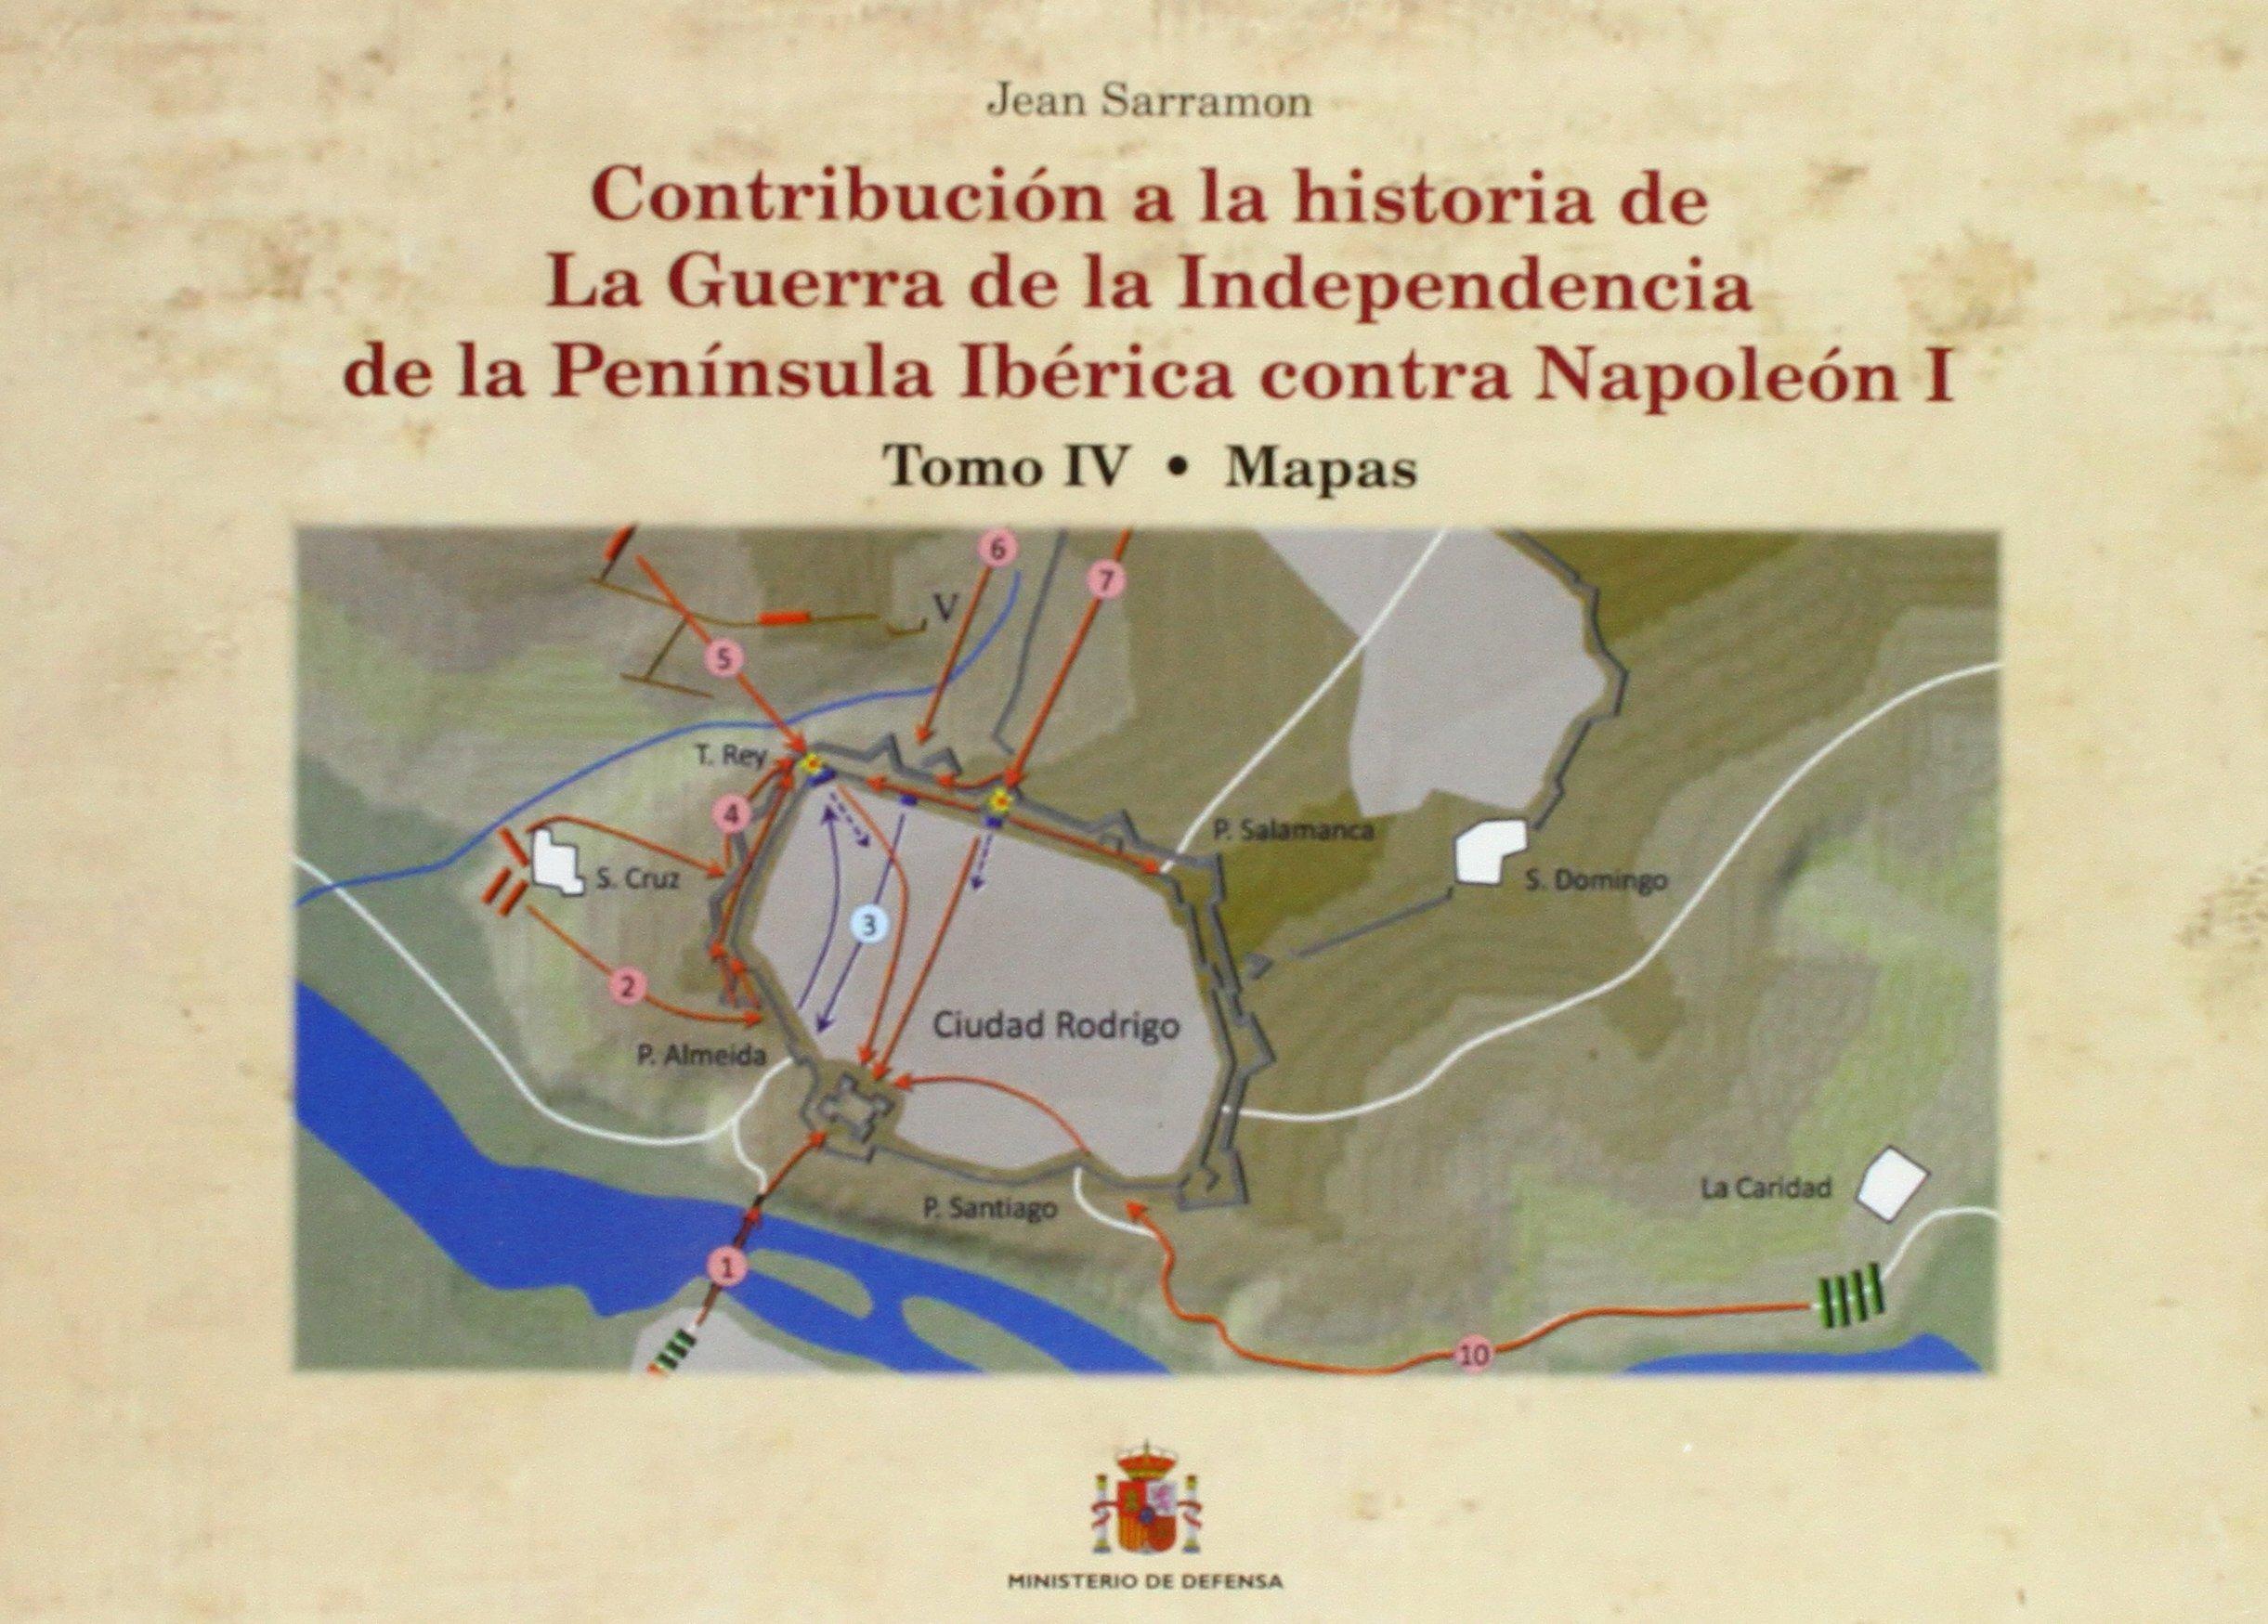 Contribución a la historia de la guerra de la independencia de la Península Ibérica contra Napoleón I: Contribución a la historia de la Guerra de la ... contra Napoleón I. Tomo IV: